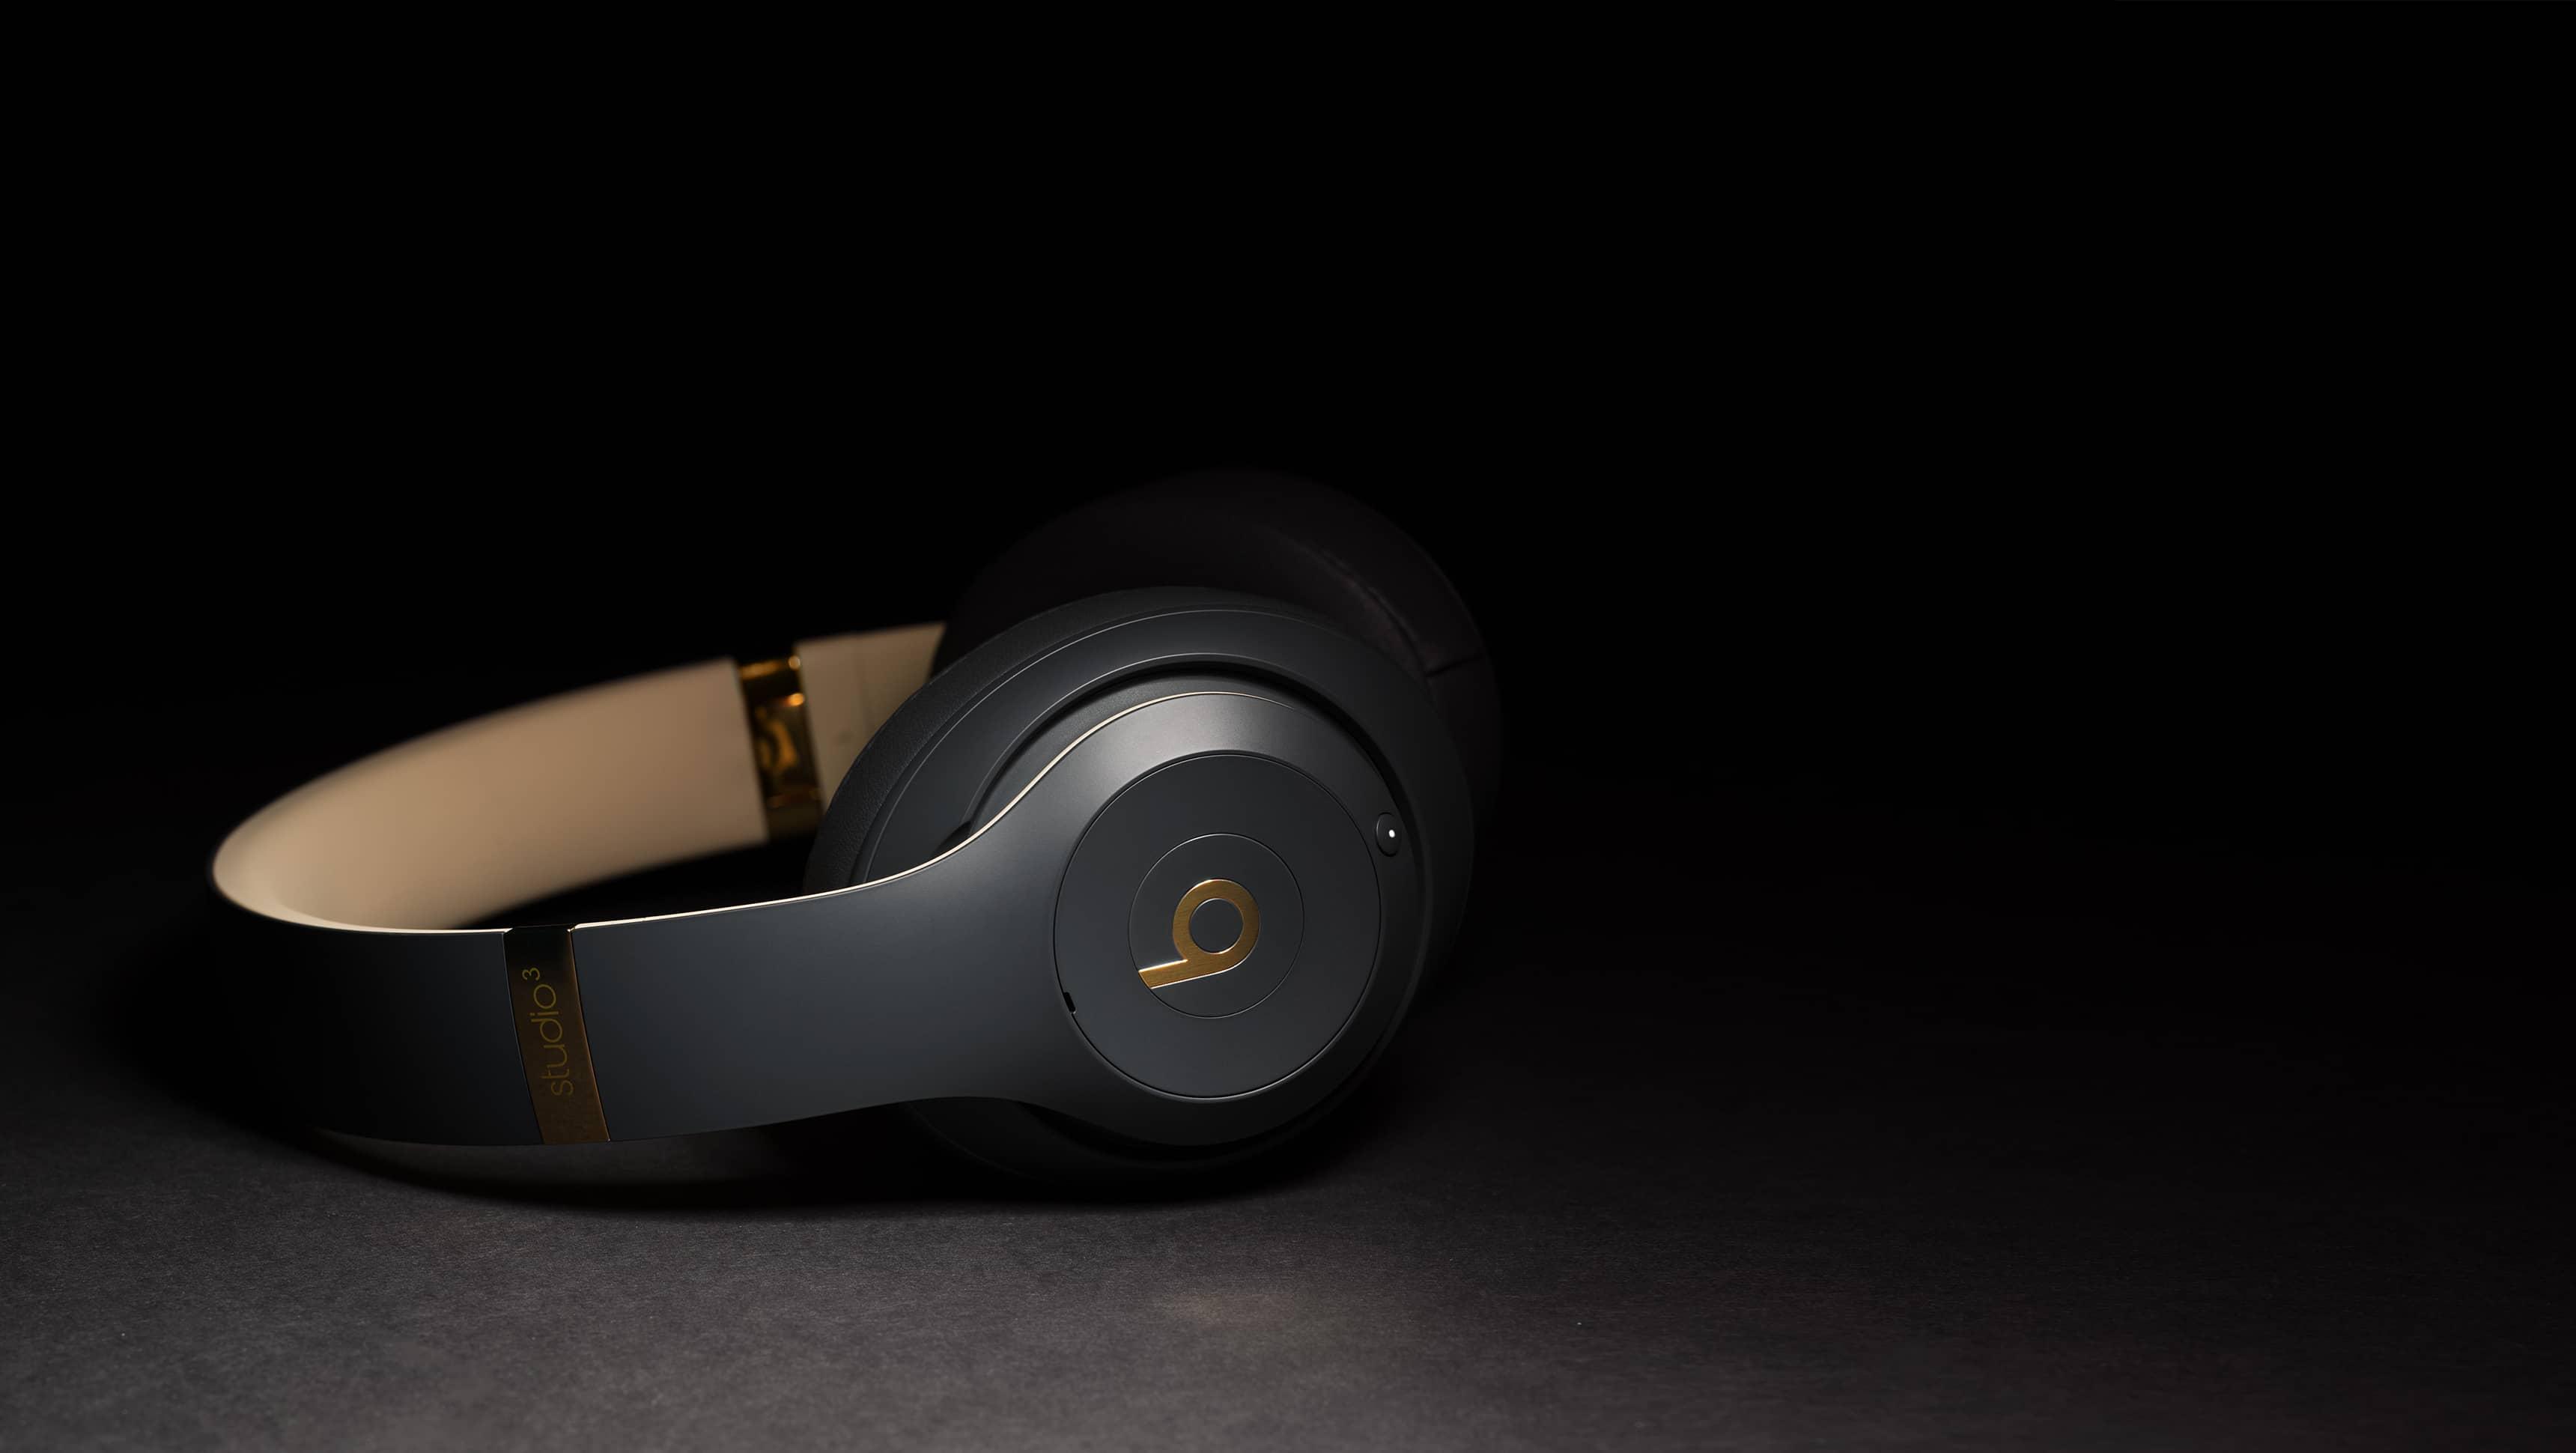 Cuffie Beats Studio 3 Wireless recensione. Un bel miglioramento 01606fe33a0b